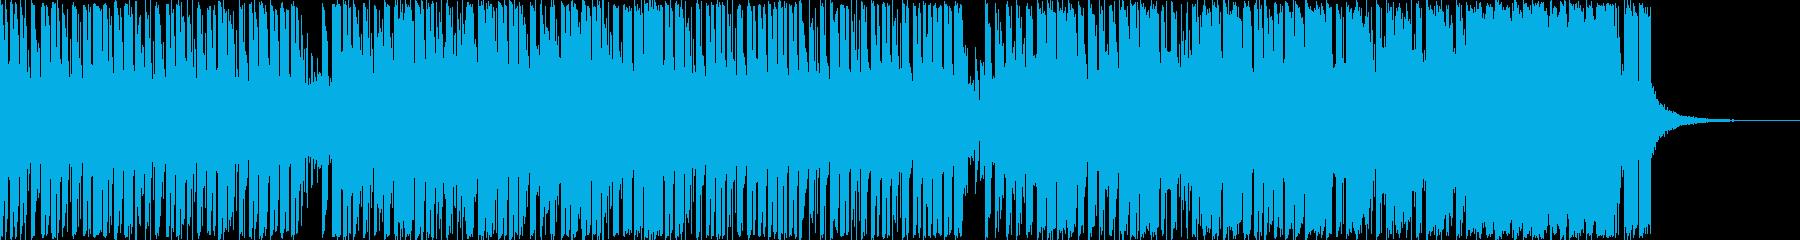 1分間クイズのベーシックテクノBGMの再生済みの波形